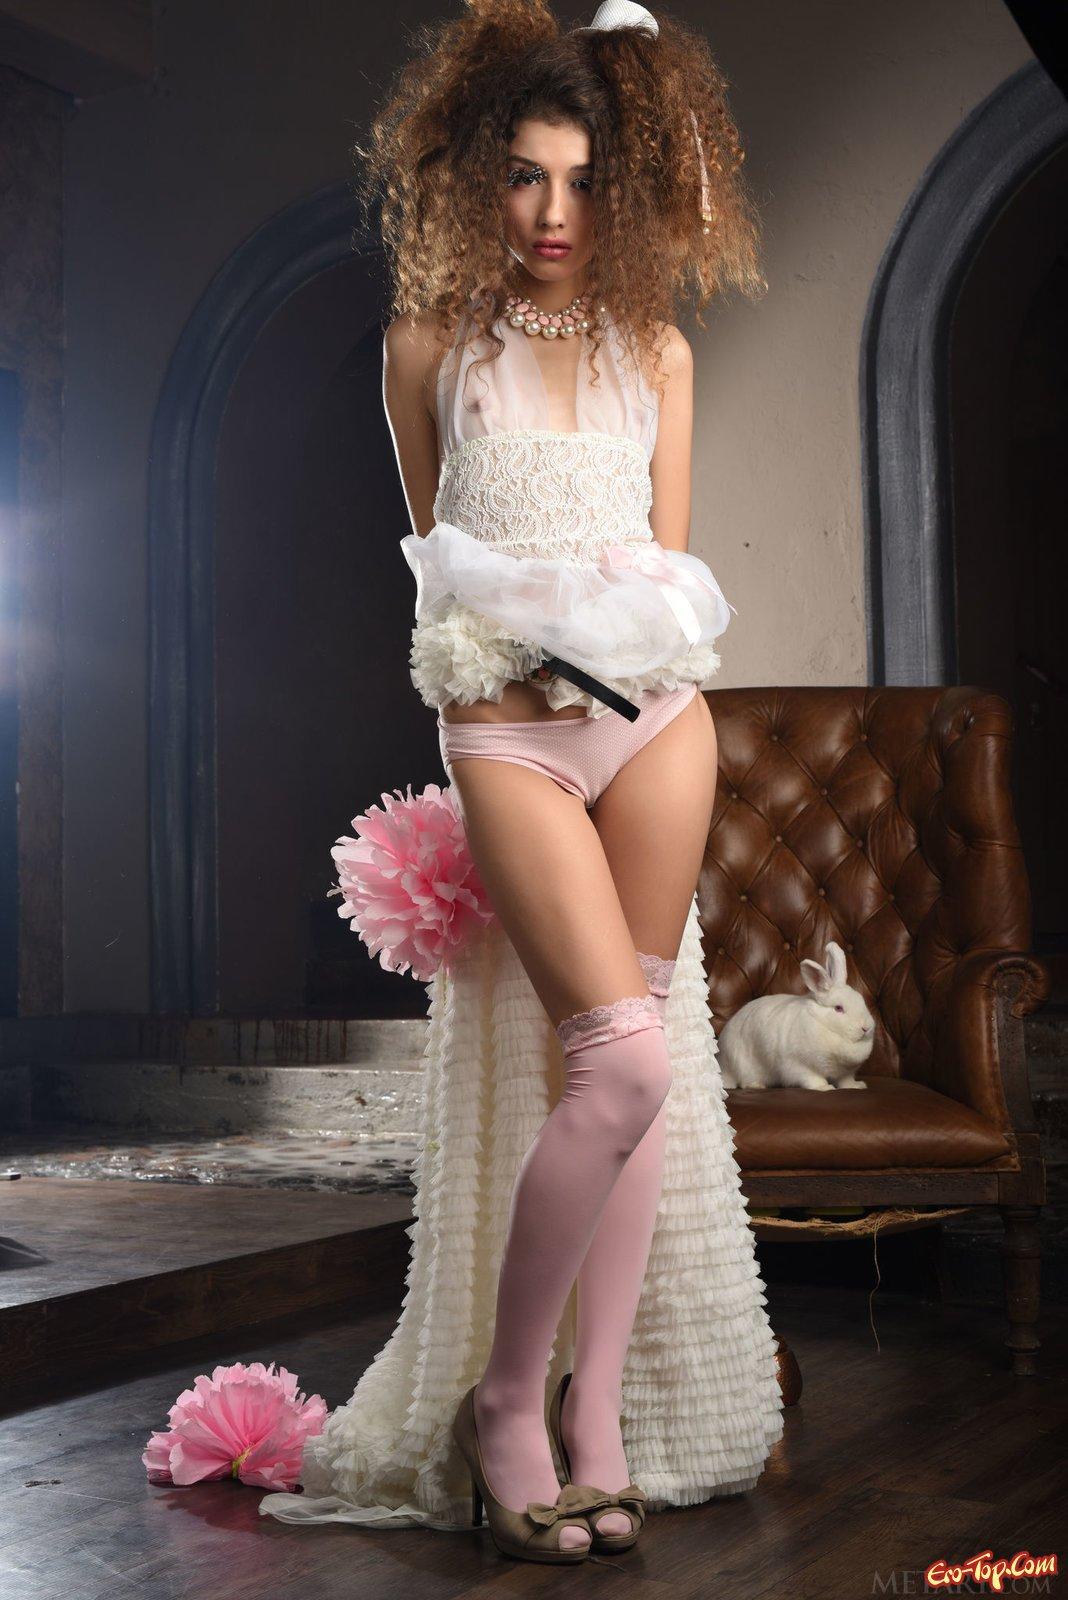 Стройная барышня возбуждено делает селфи в розовых гетрах секс фото